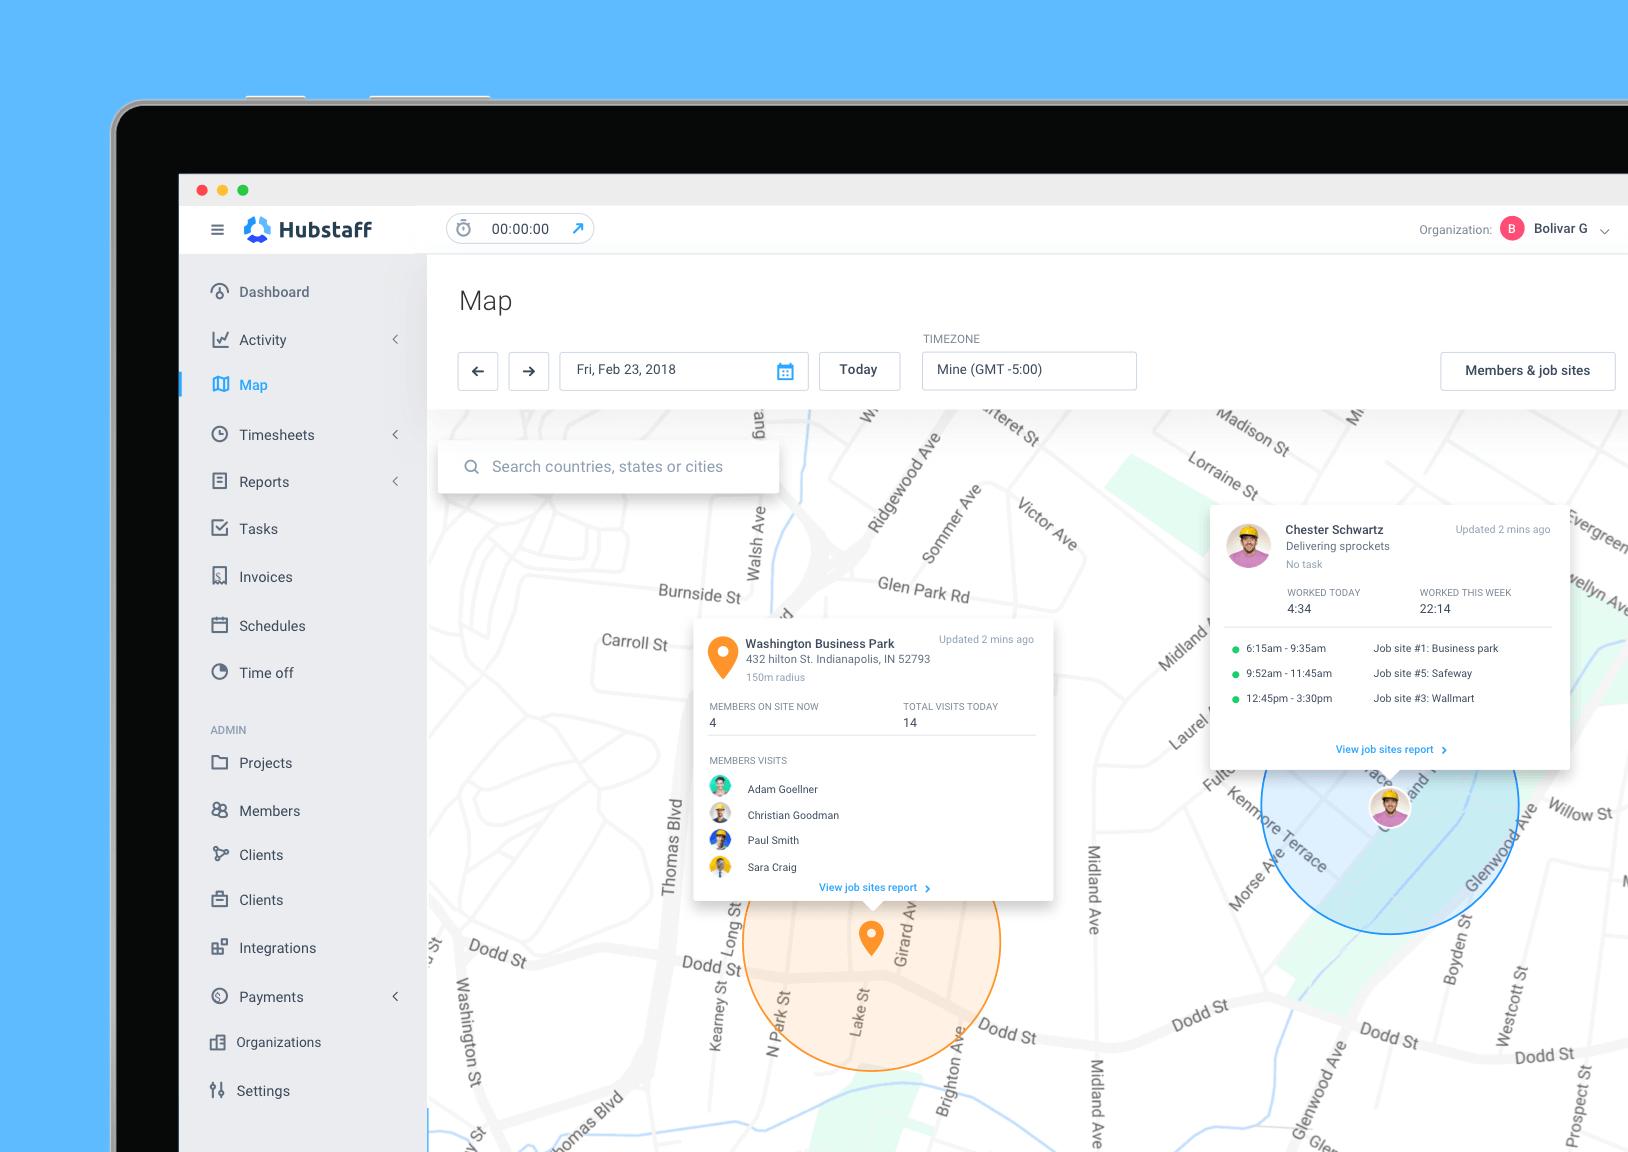 Hubstaff construction app